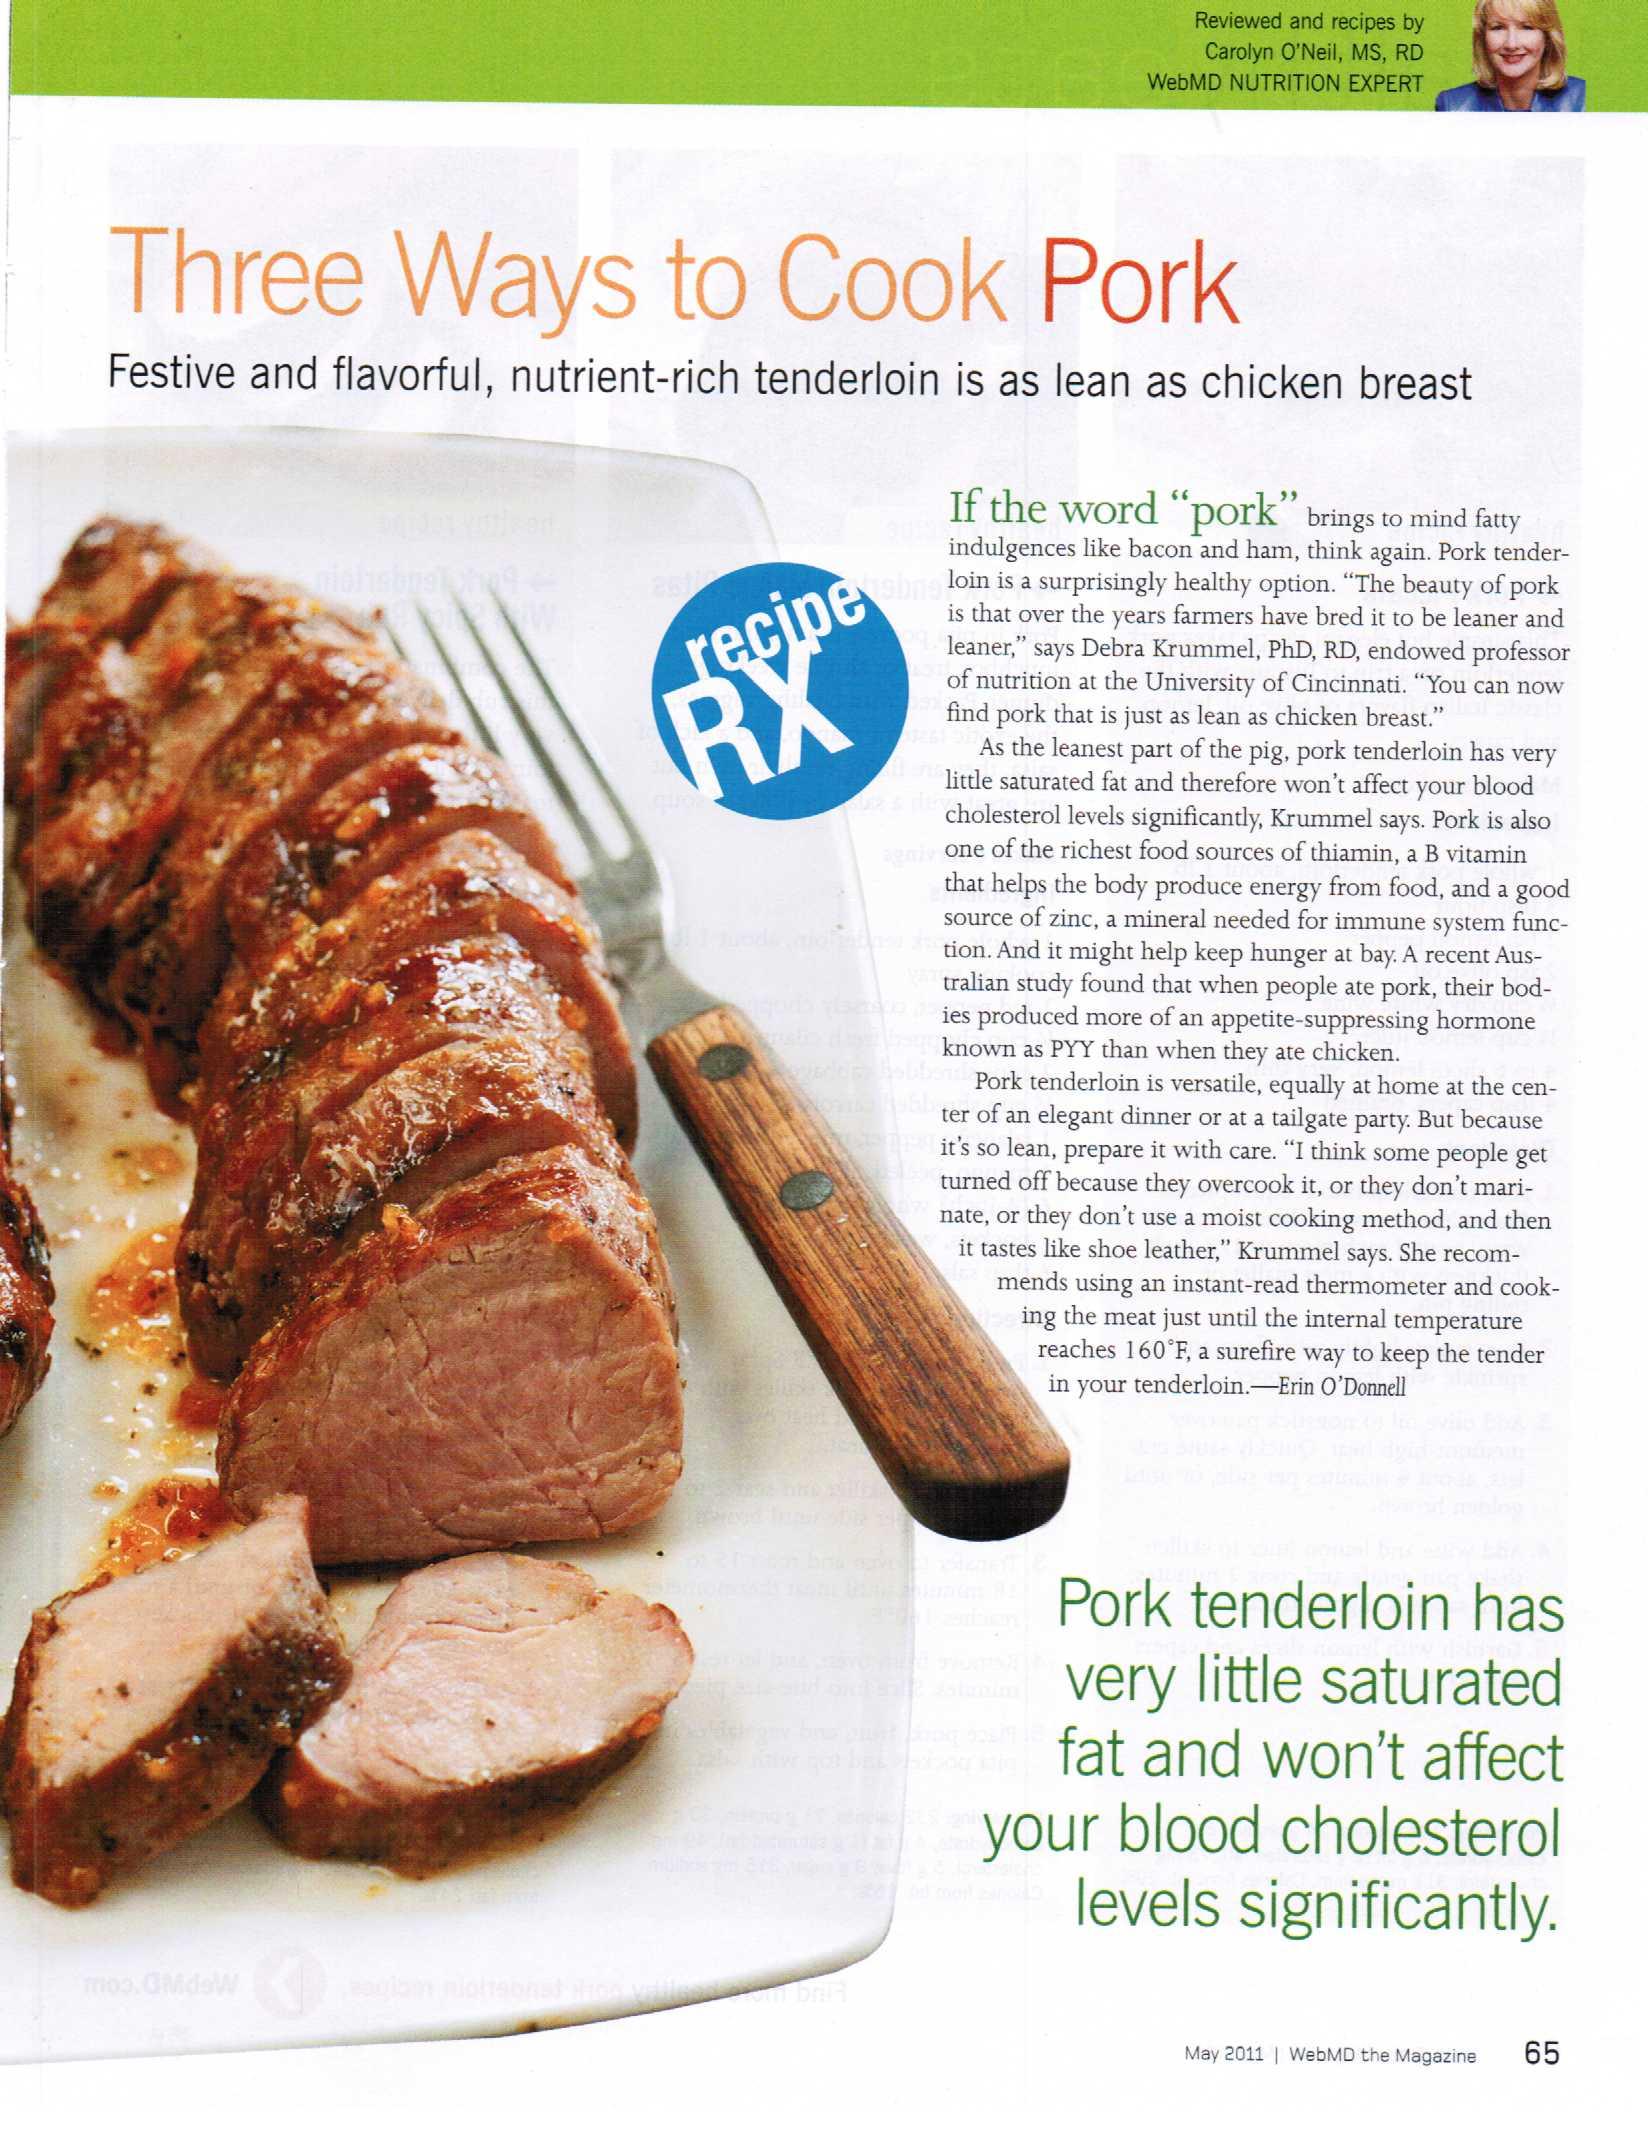 Three Ways to Cook Pork